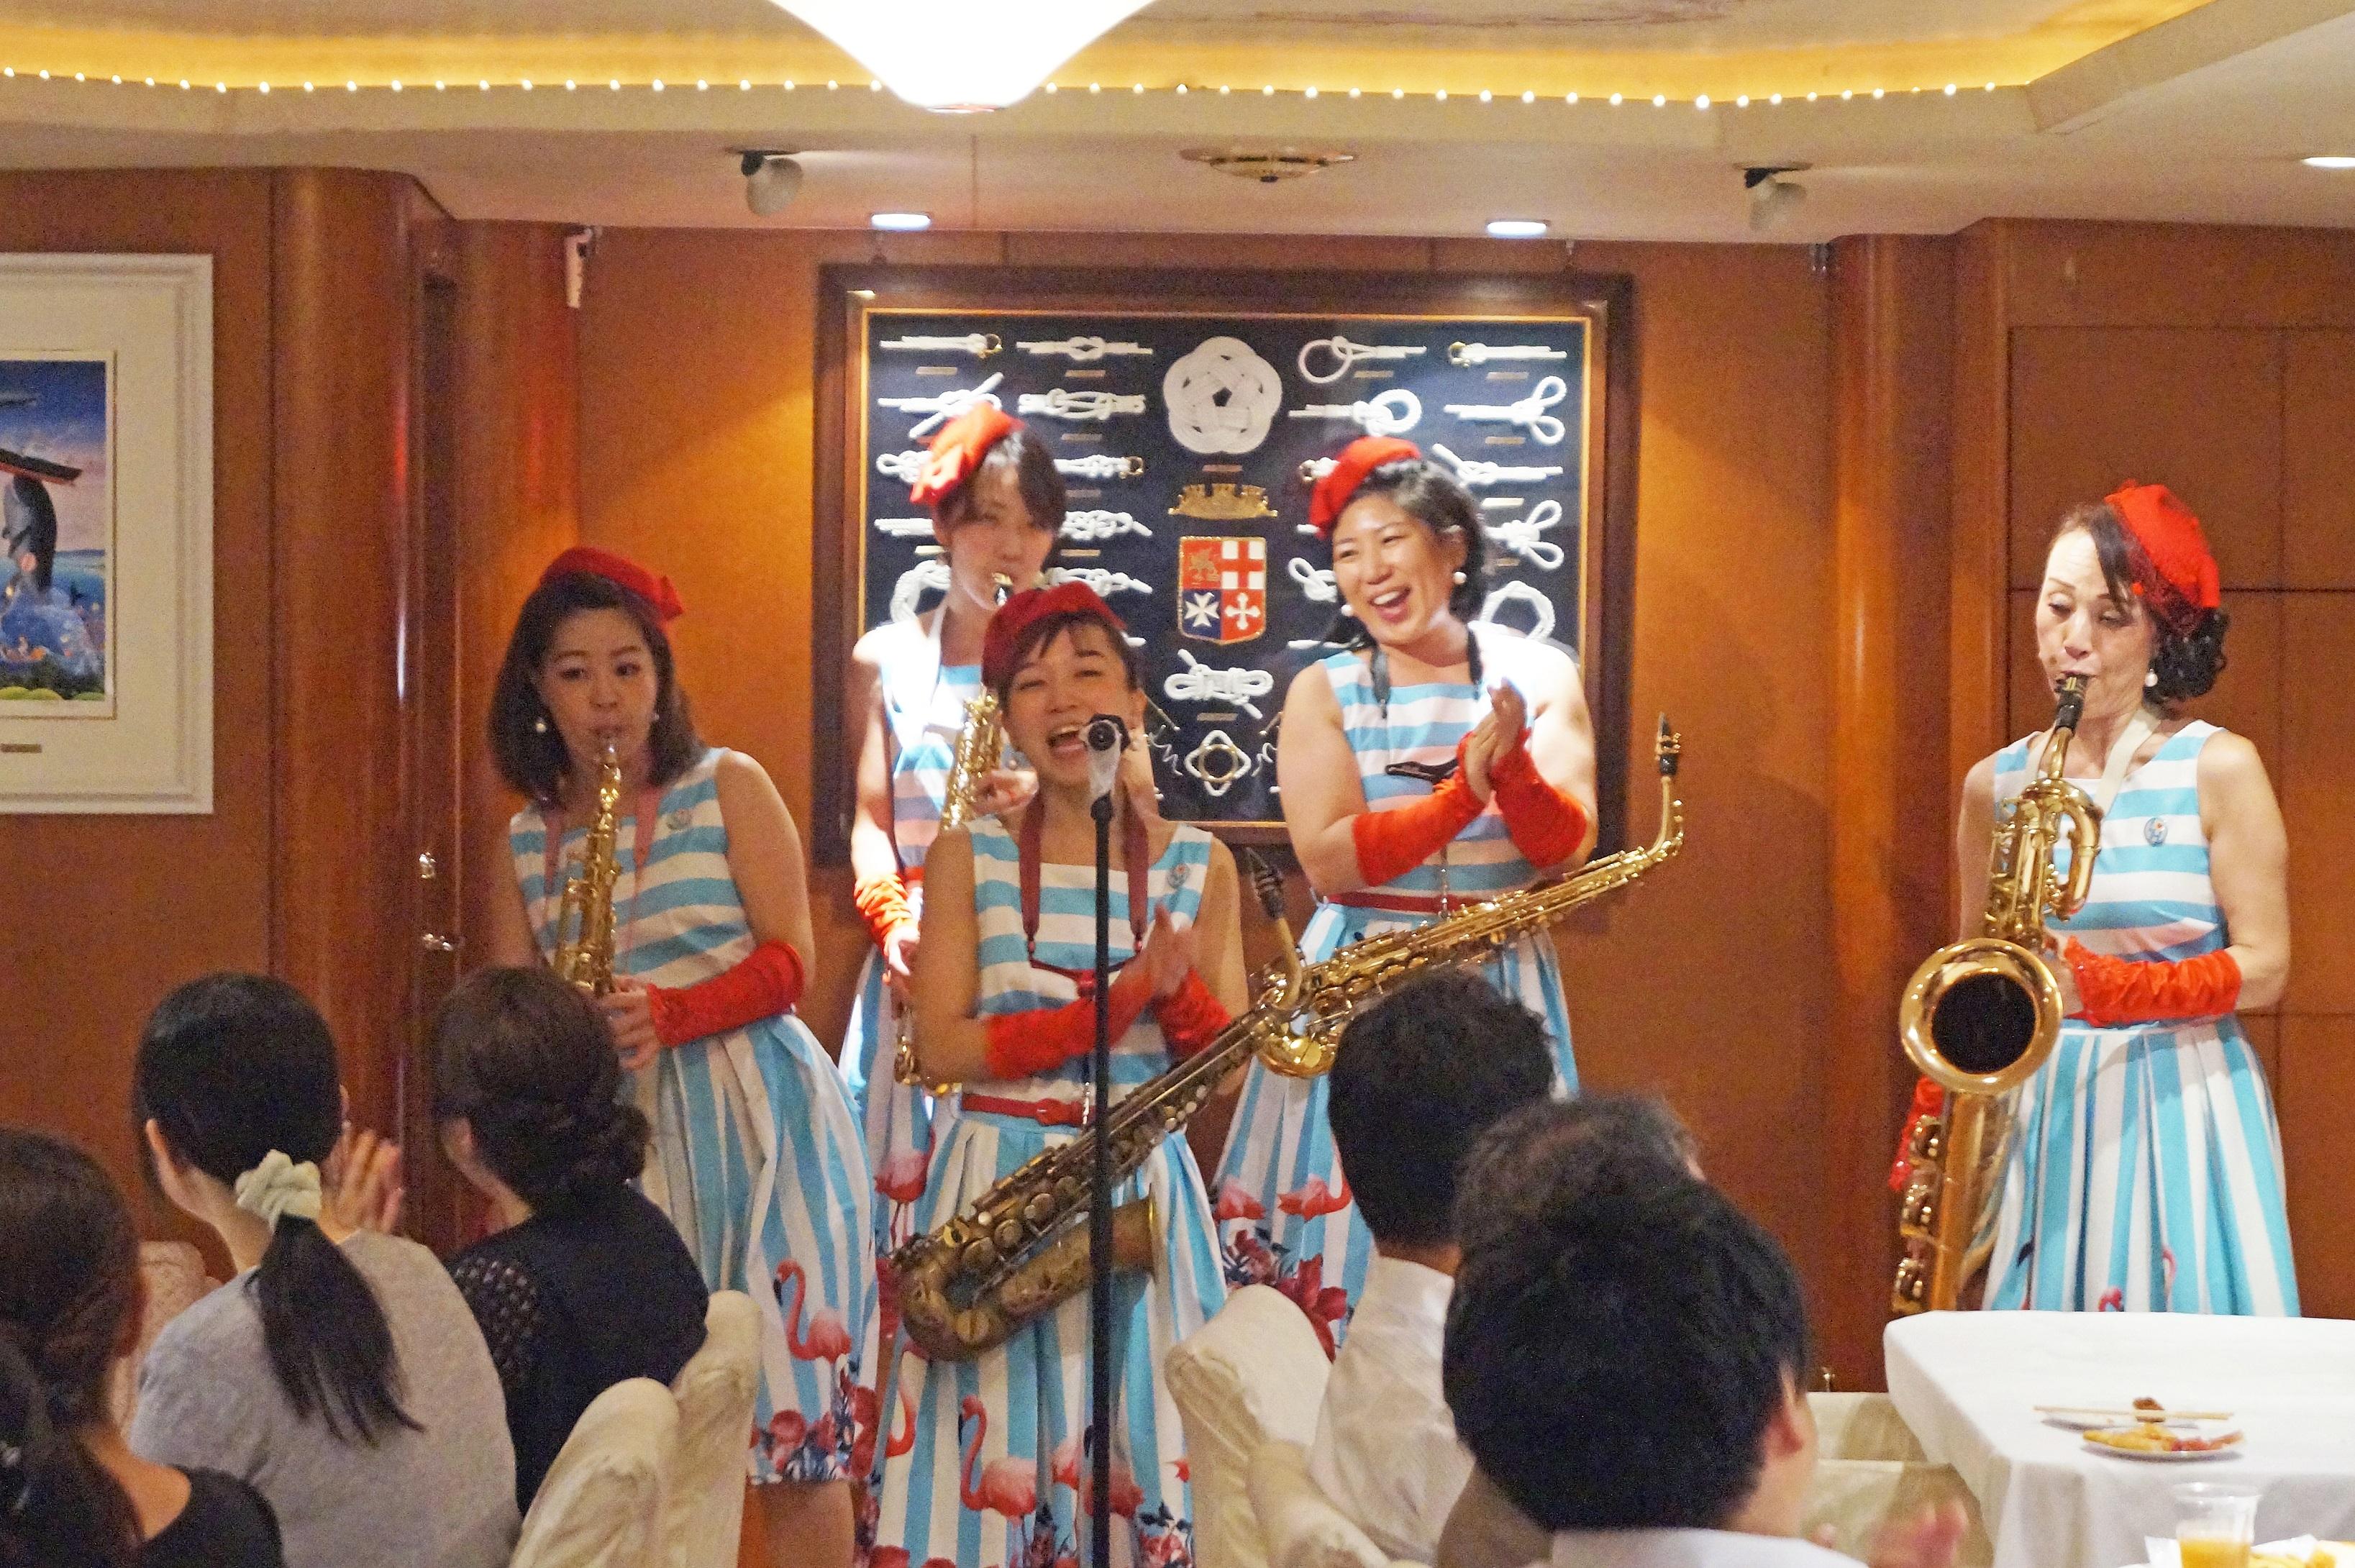 女性JAZZ演奏グループが船上で盛り上げている様子